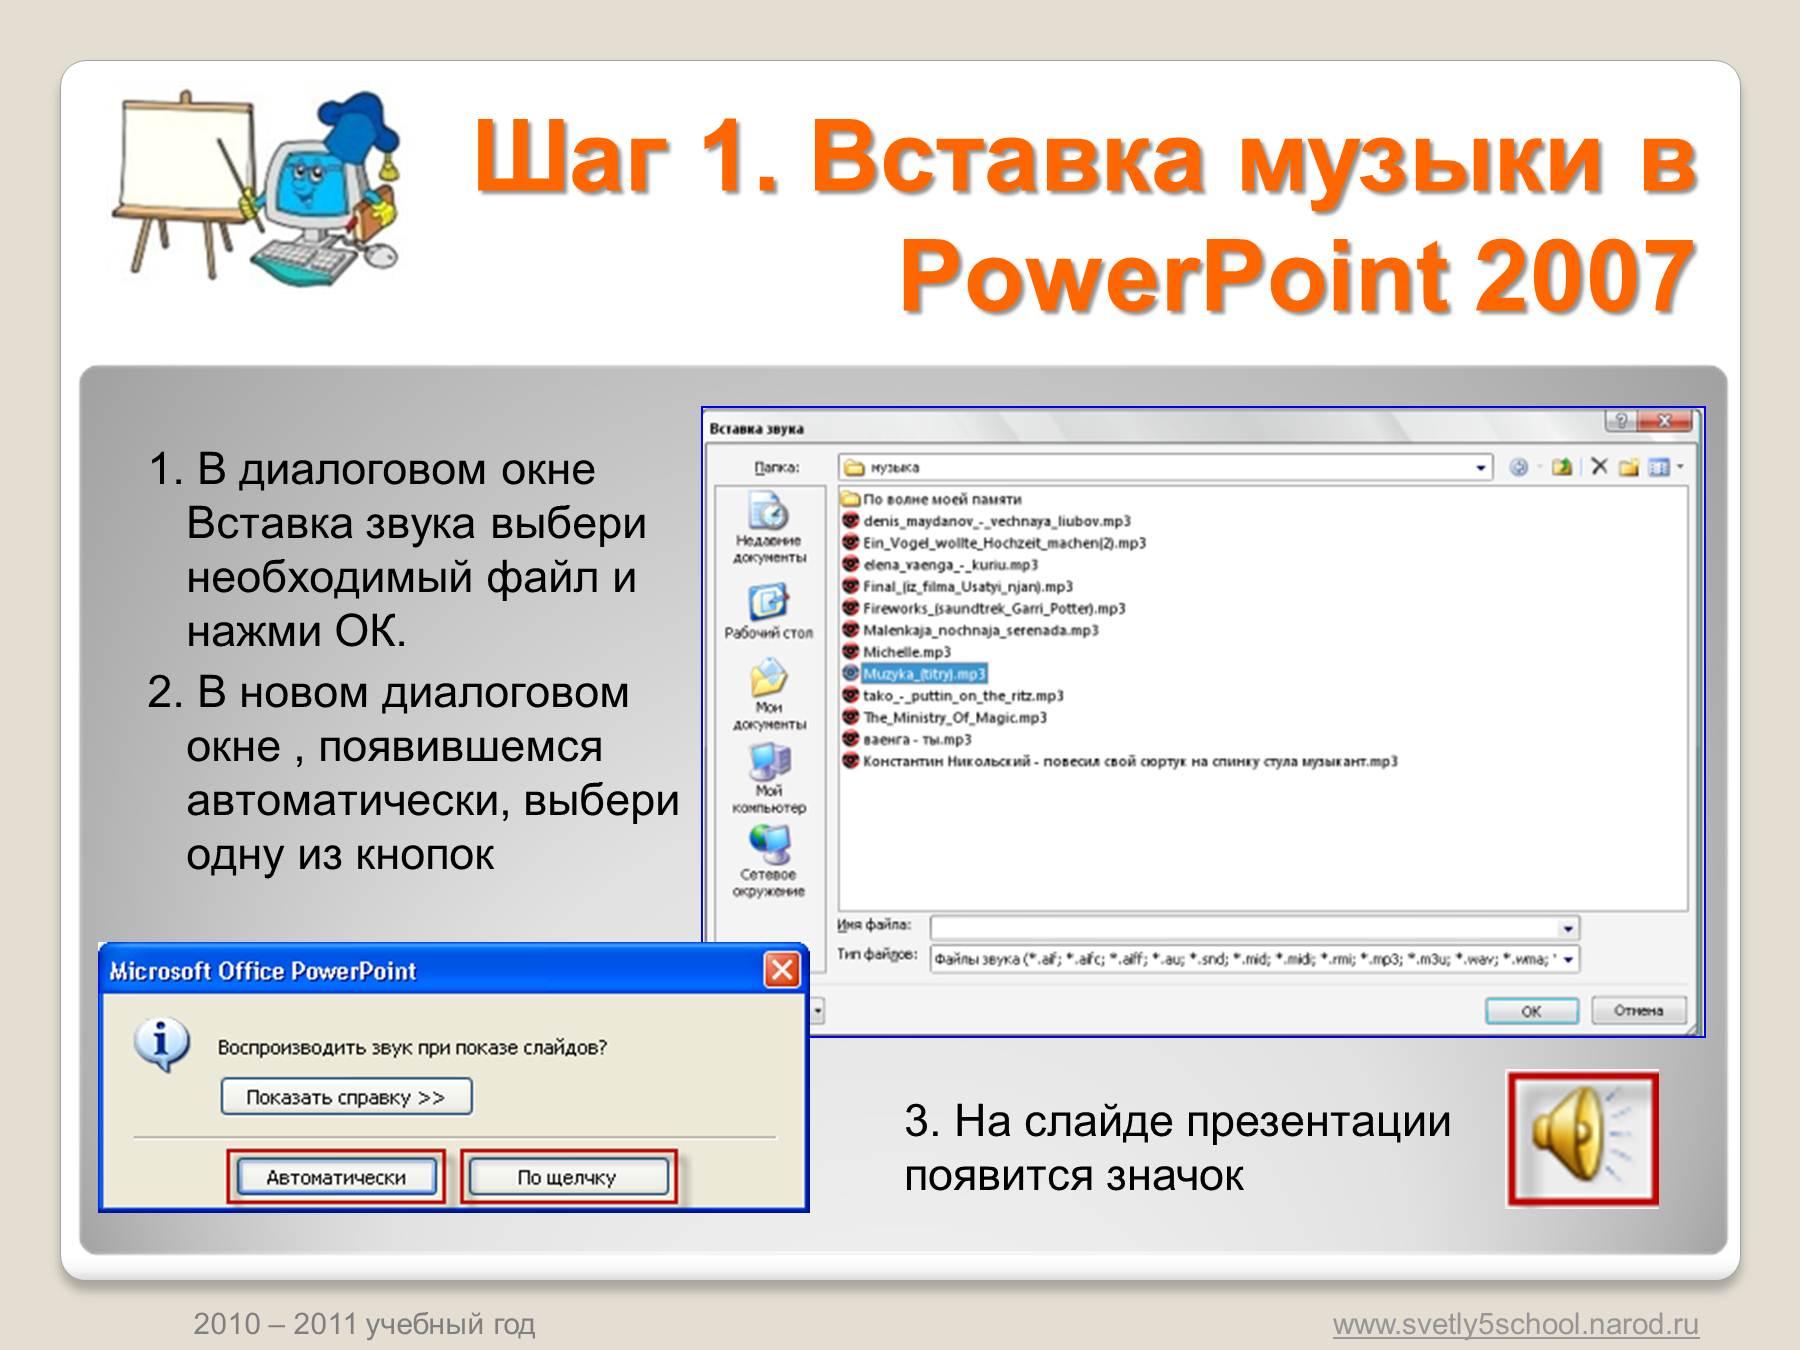 Как сделать чтобы показ слайдов был автоматически